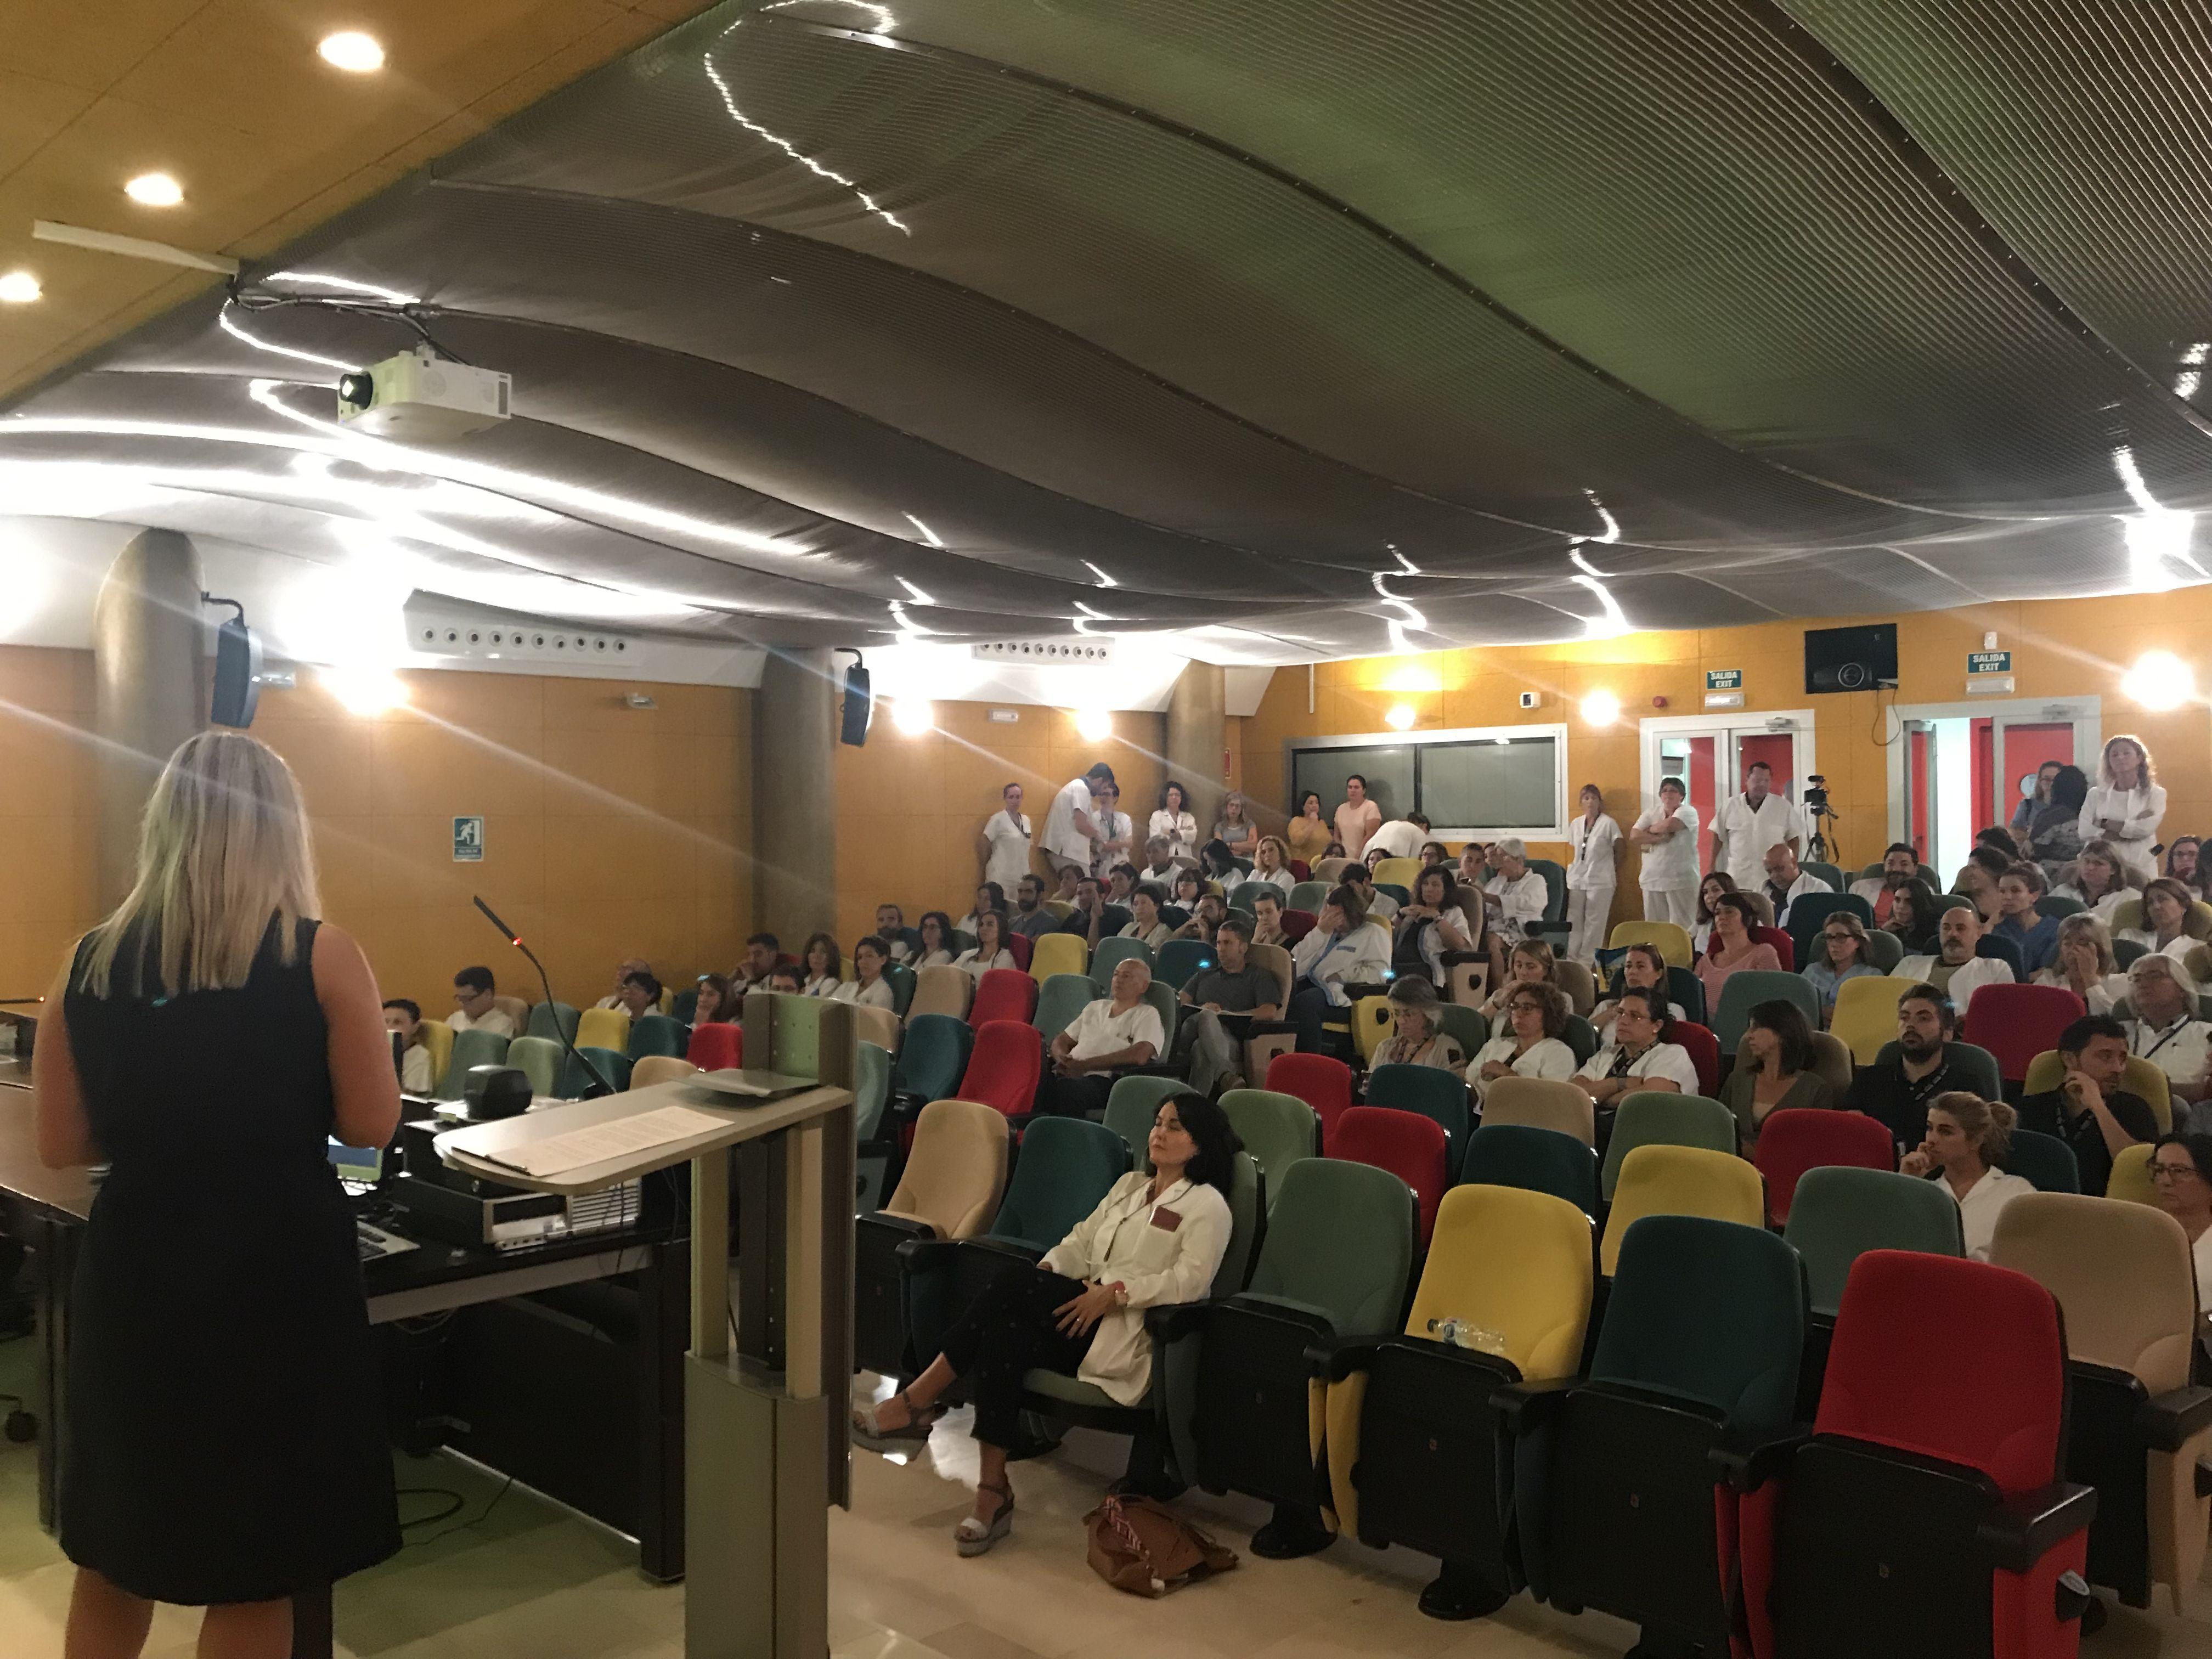 Sesiones formativas DynaMed de próxima generación: apoyo a la decisión clínica en el punto de atención